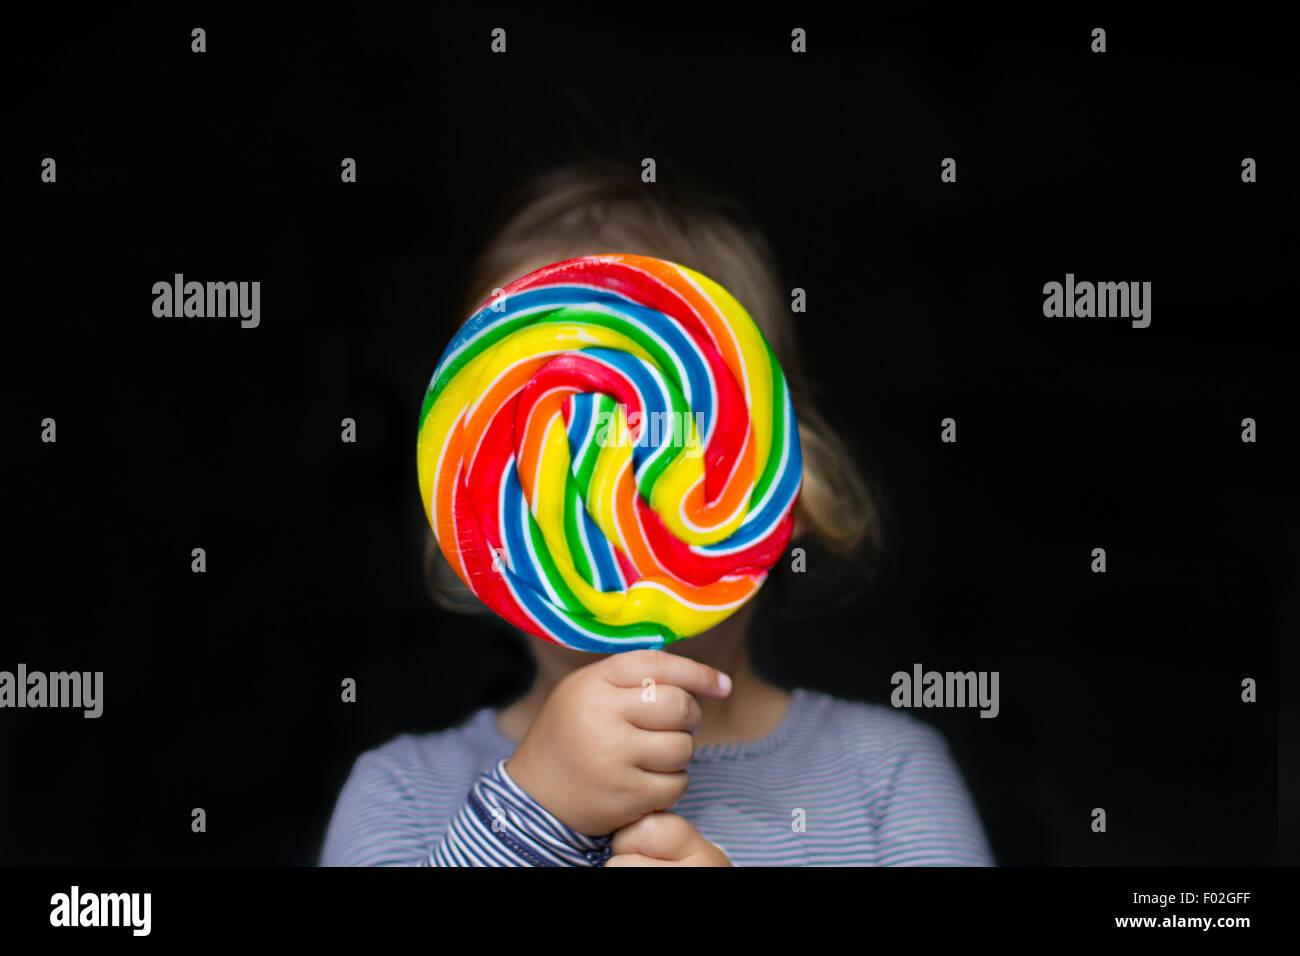 Retrato de una chica sujetando una piruleta multicolor Imagen De Stock